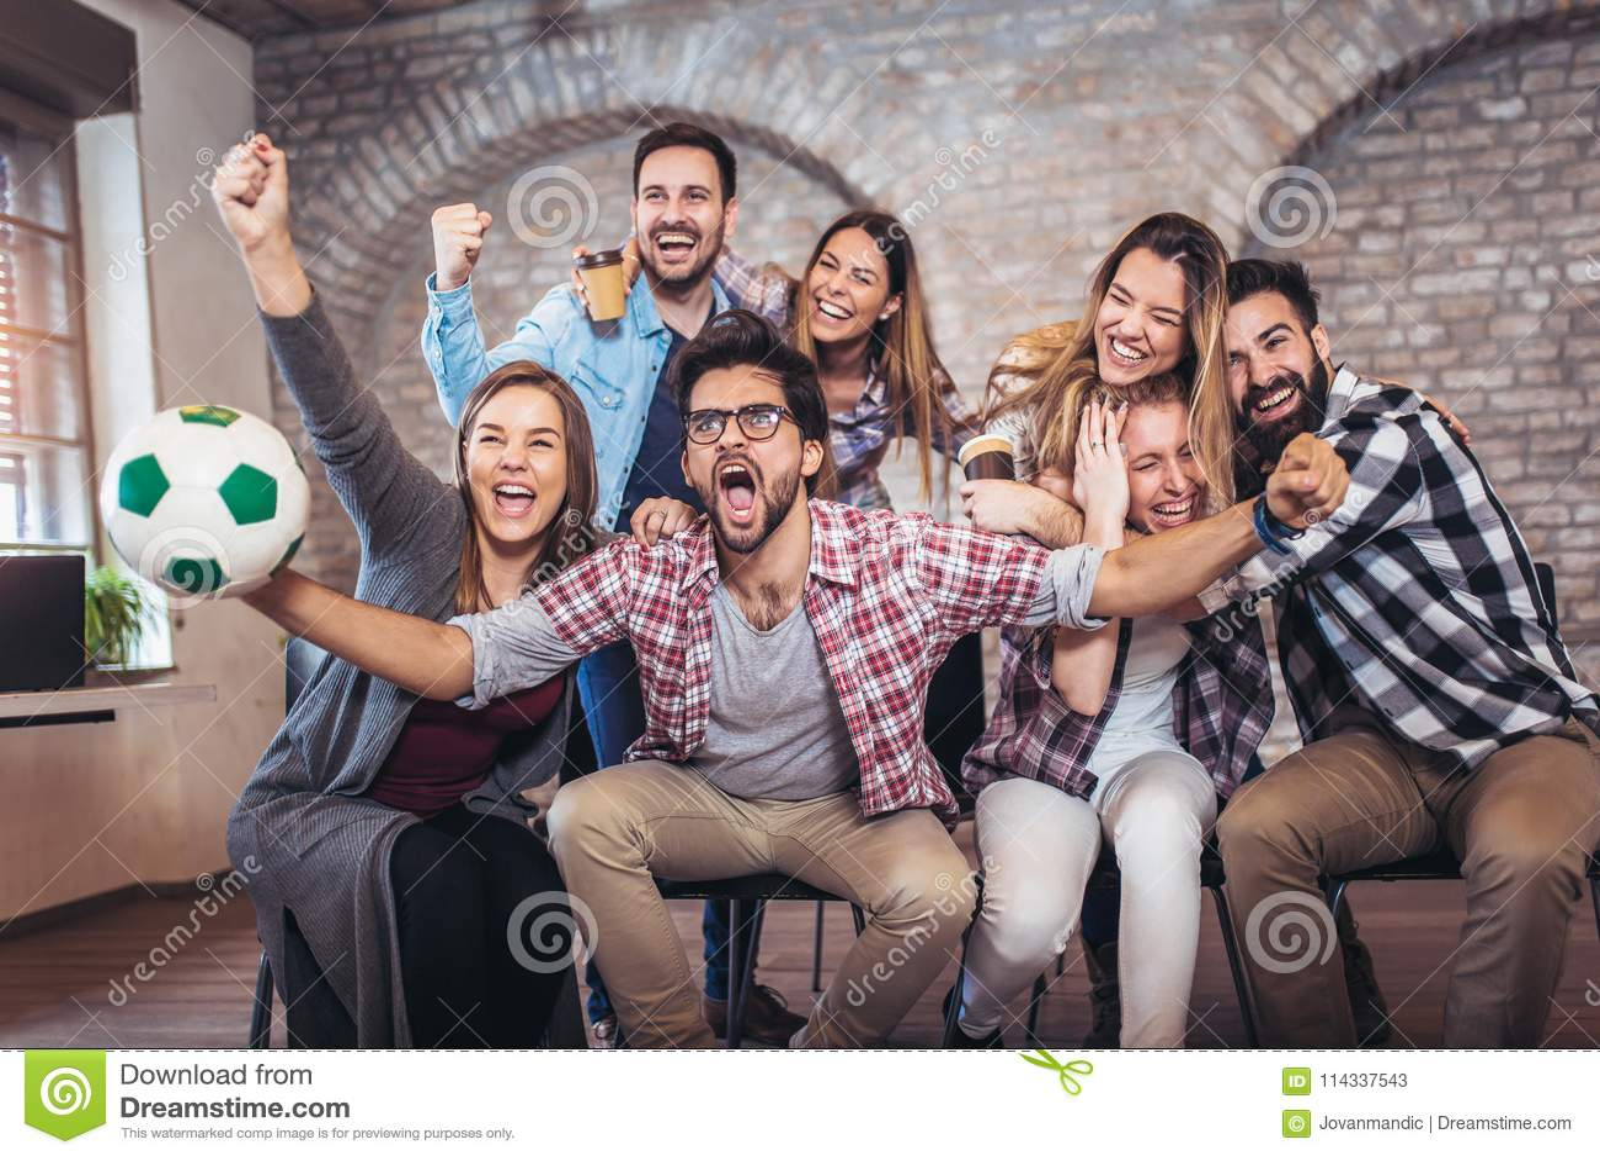 Ευτυχείς φίλοι ή οπαδοί ποδοσφαίρου που προσέχουν το ποδόσφαιρο στη TV και που γιορτάζουν τη νίκη